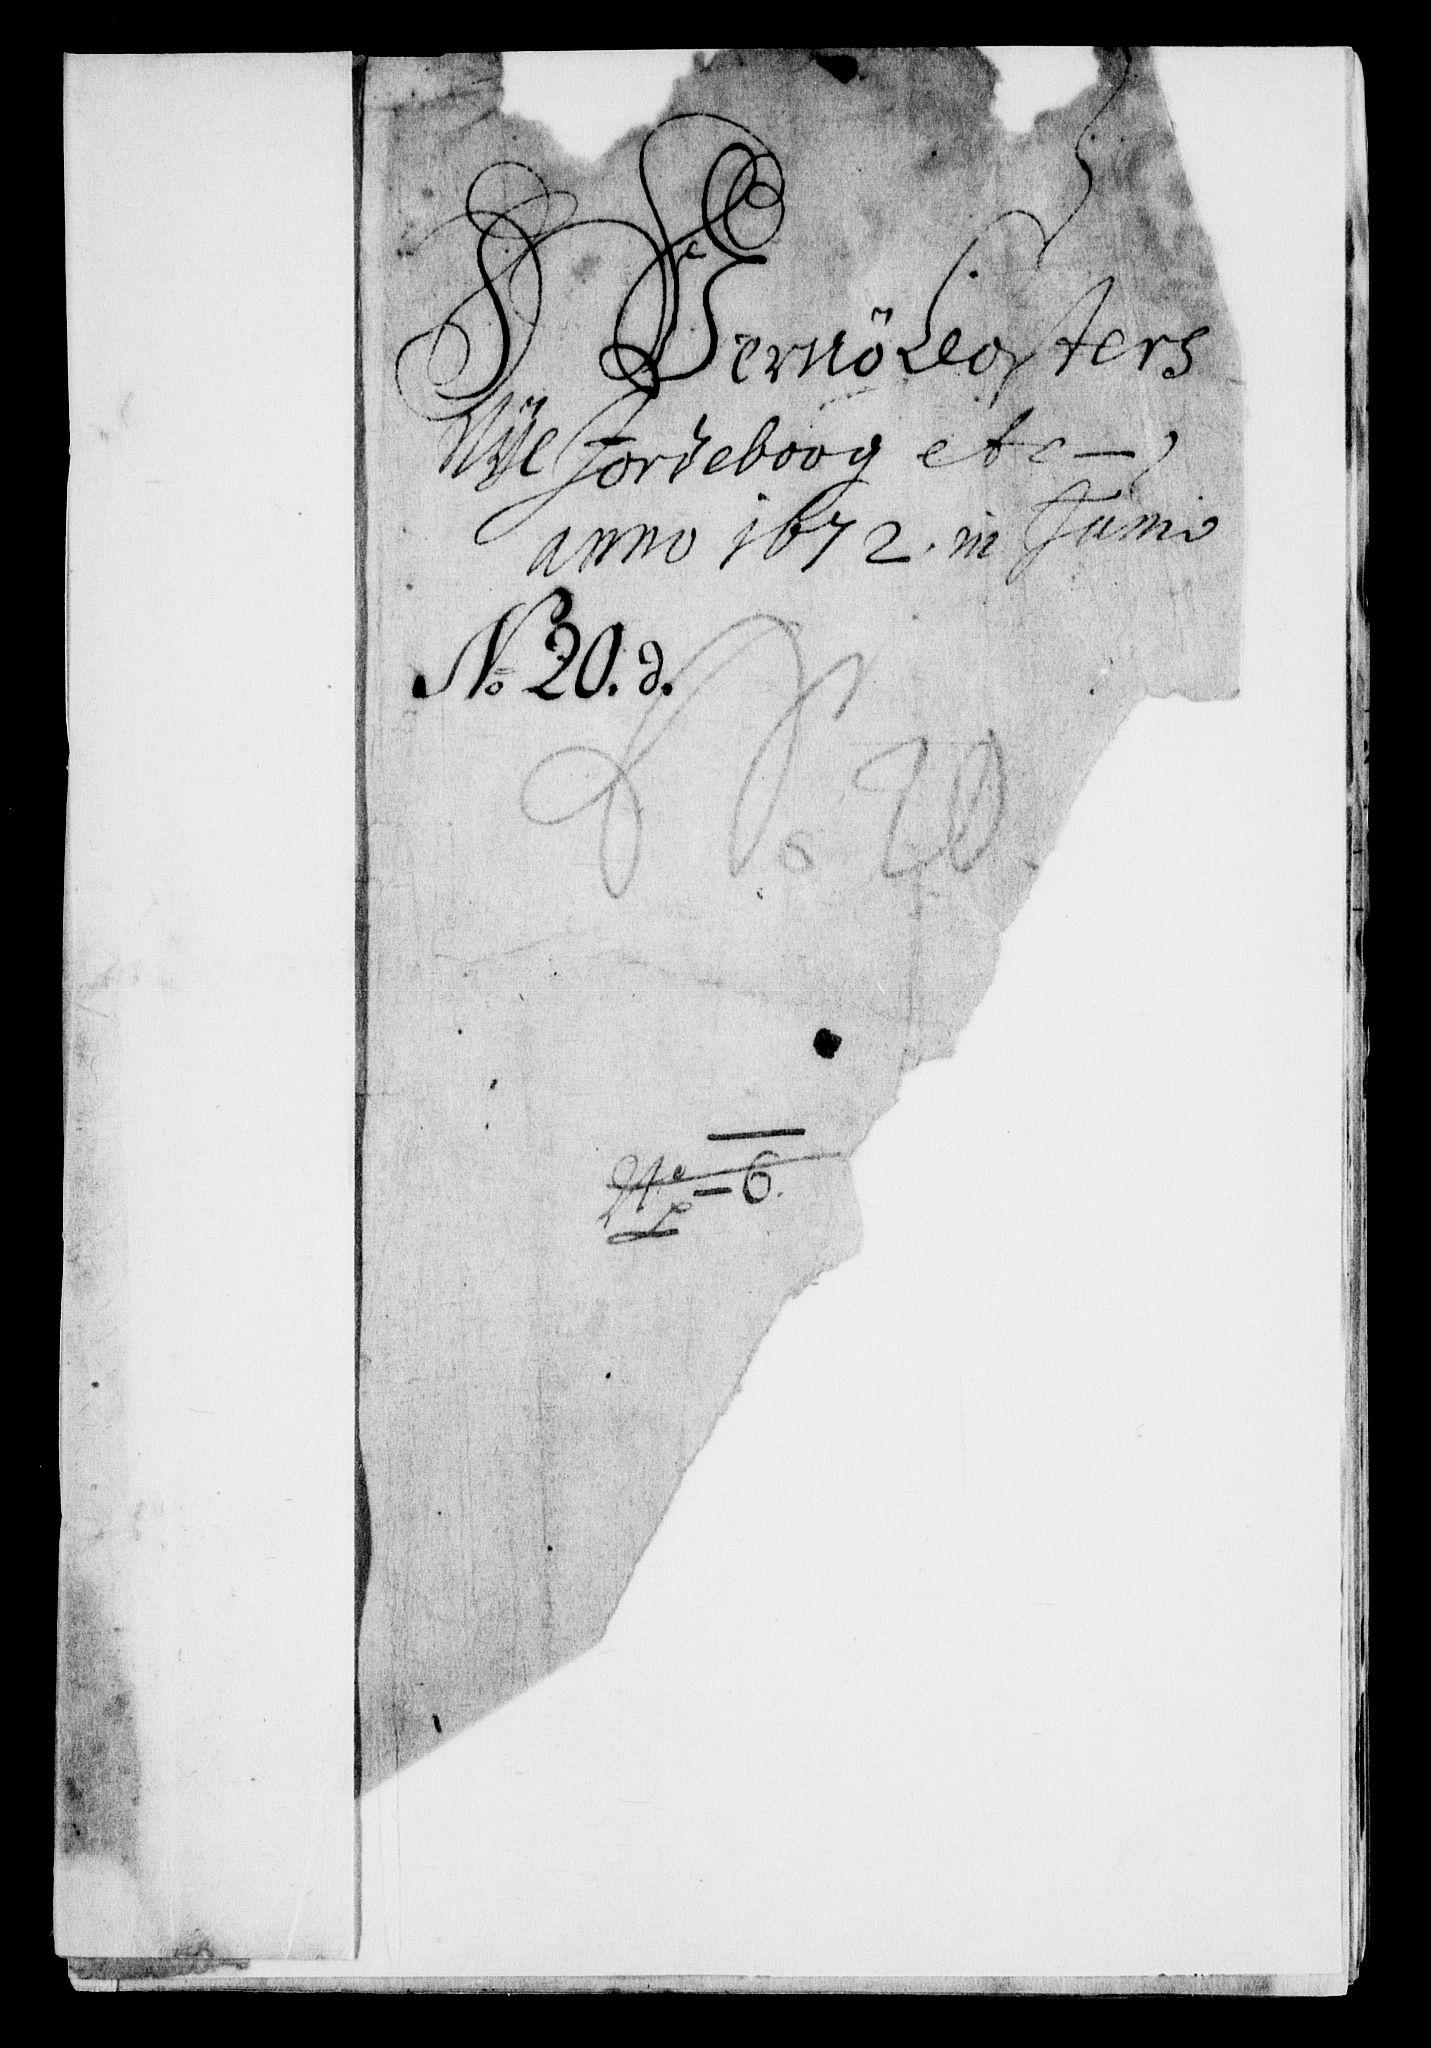 RA, Rentekammeret inntil 1814, Realistisk ordnet avdeling, On/L0007: [Jj 8]: Jordebøker og dokumenter innlevert til kongelig kommisjon 1672: Verne klosters gods, 1658-1672, s. 311